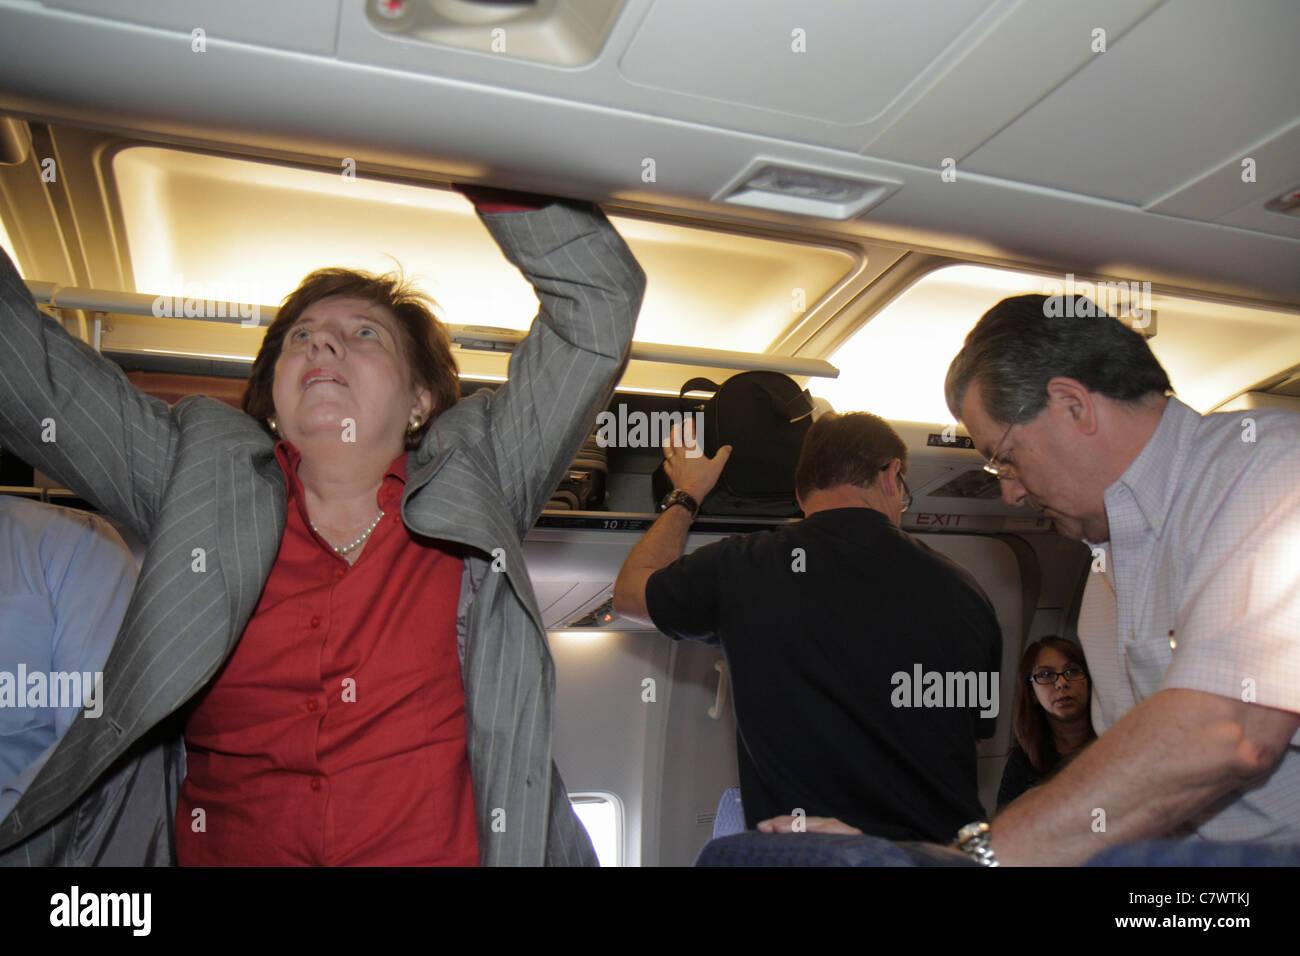 Managua Nicaragua Aeroporto Internazionale Augusto C. Sandino MGA cabina aerea arrivo sbarcare voli American Airlines Immagini Stock